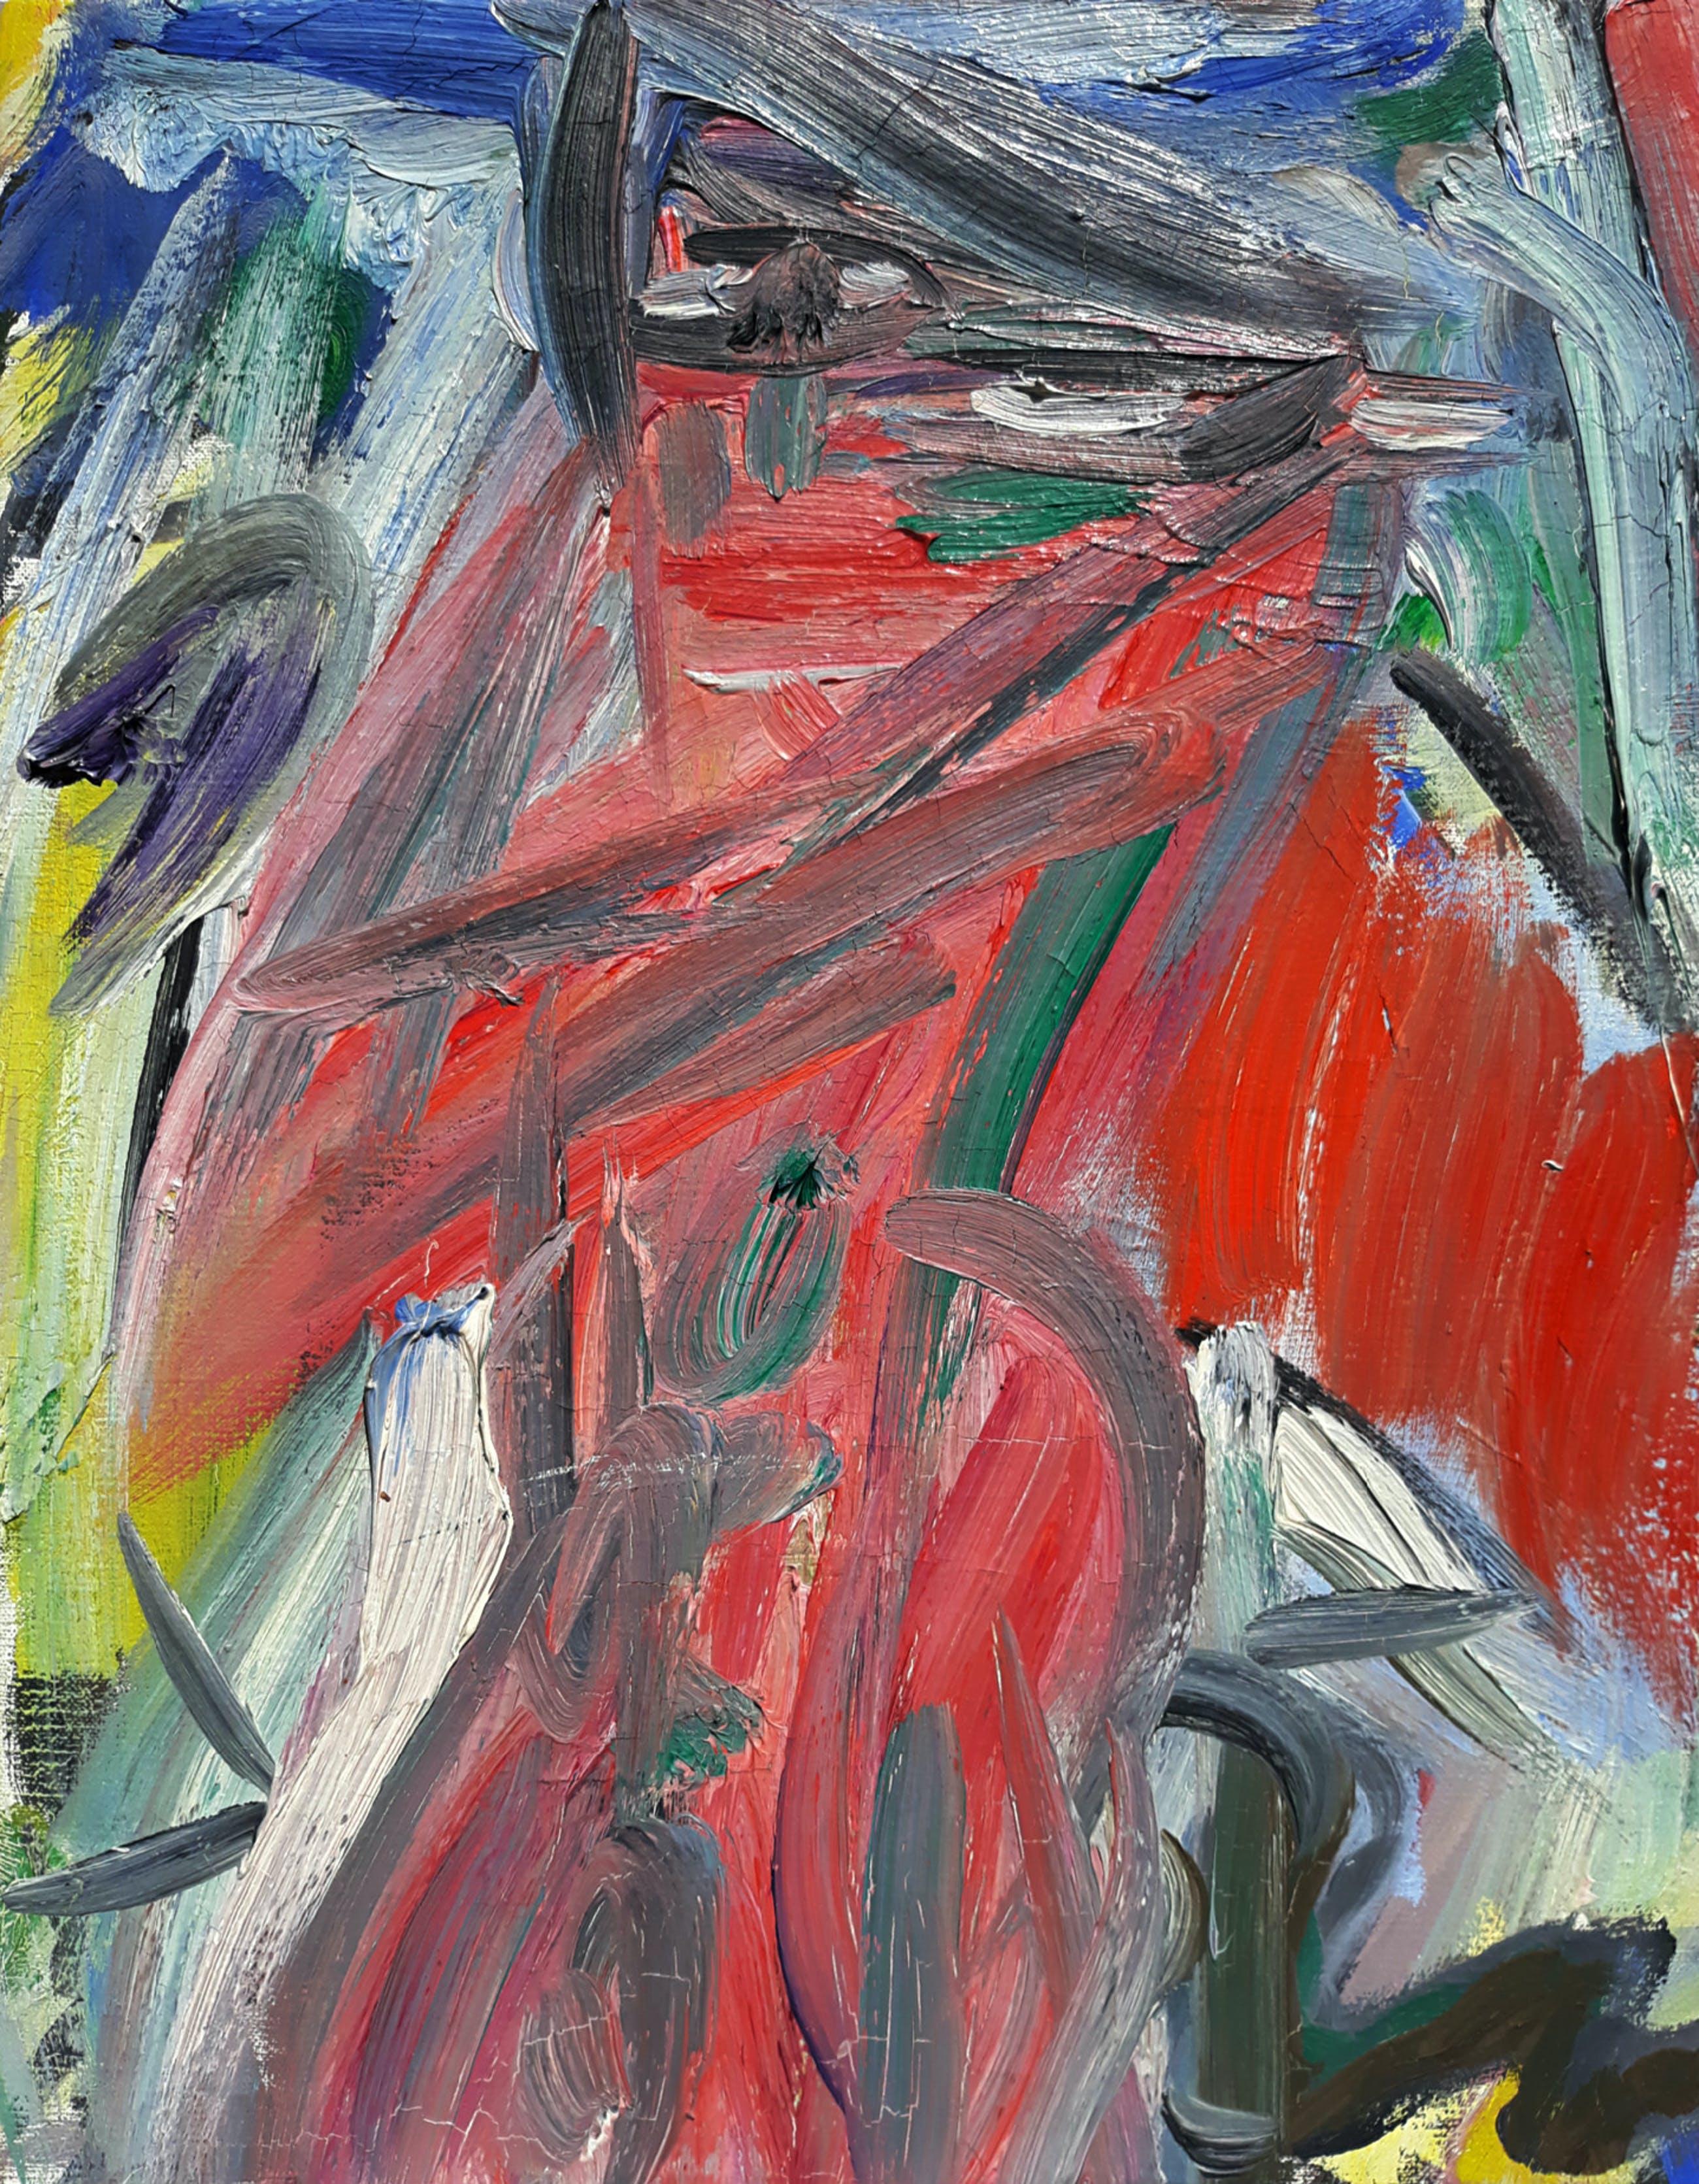 """Alphons Freijmuth - """"Action compositie"""" met naakt, olieverf op doek (netjes ingelijst) kopen? Bied vanaf 375!"""